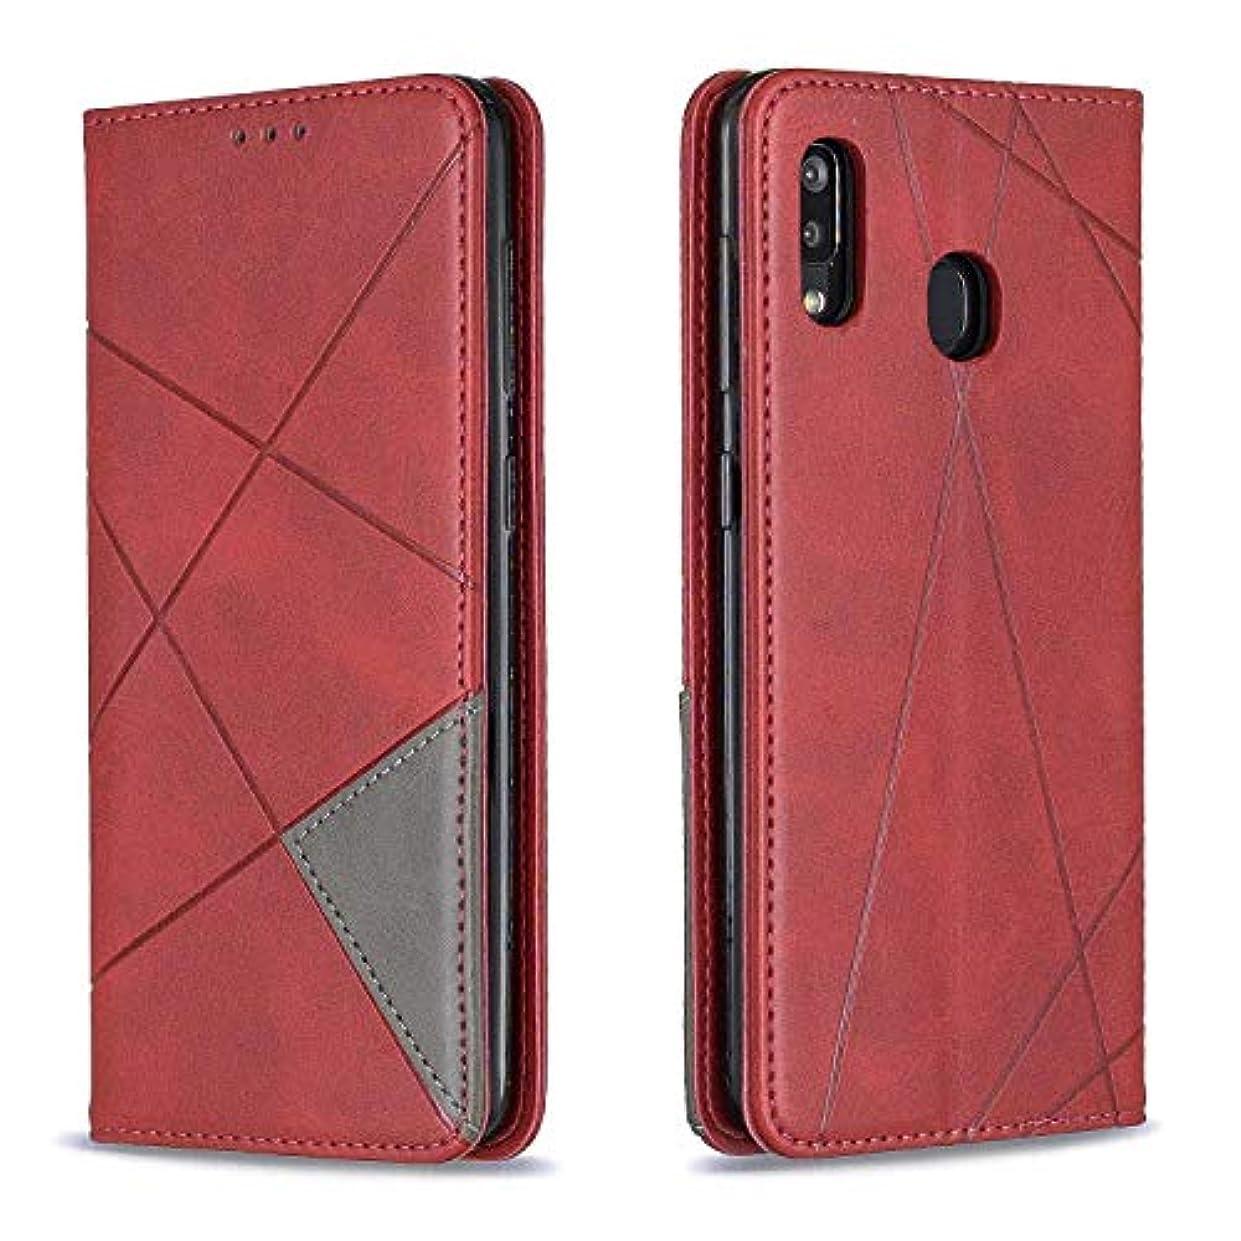 お母さん合理的小数CUSKING Galaxy A30 / A20 ケース, 高級 Samsung Galaxy A30 / A20 手帳型 スマホケース, PUレザー フリップ ノート型 カード収納 付き保護ケース, レッド